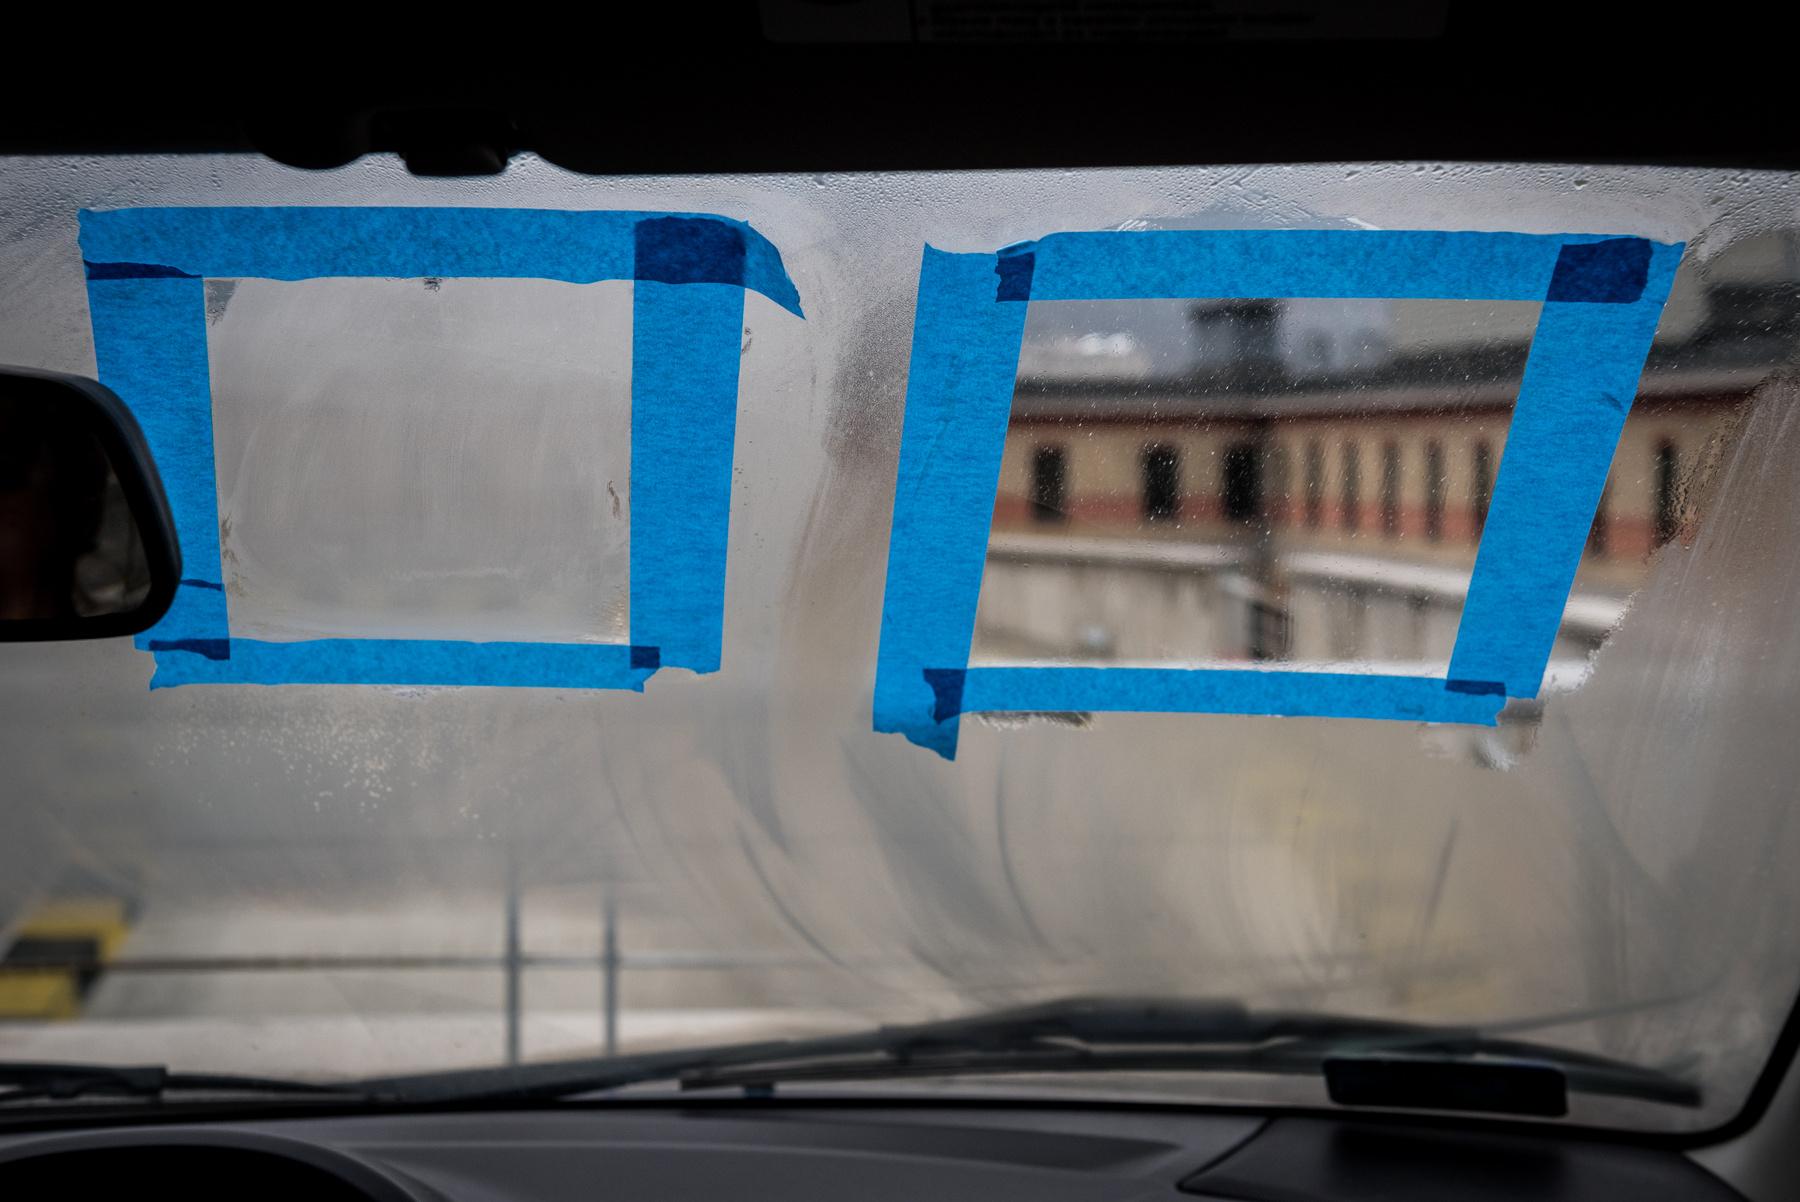 Később így nézett ki, de ennyi idő alatt az autó ventilátorával is lecsapathattuk volna.